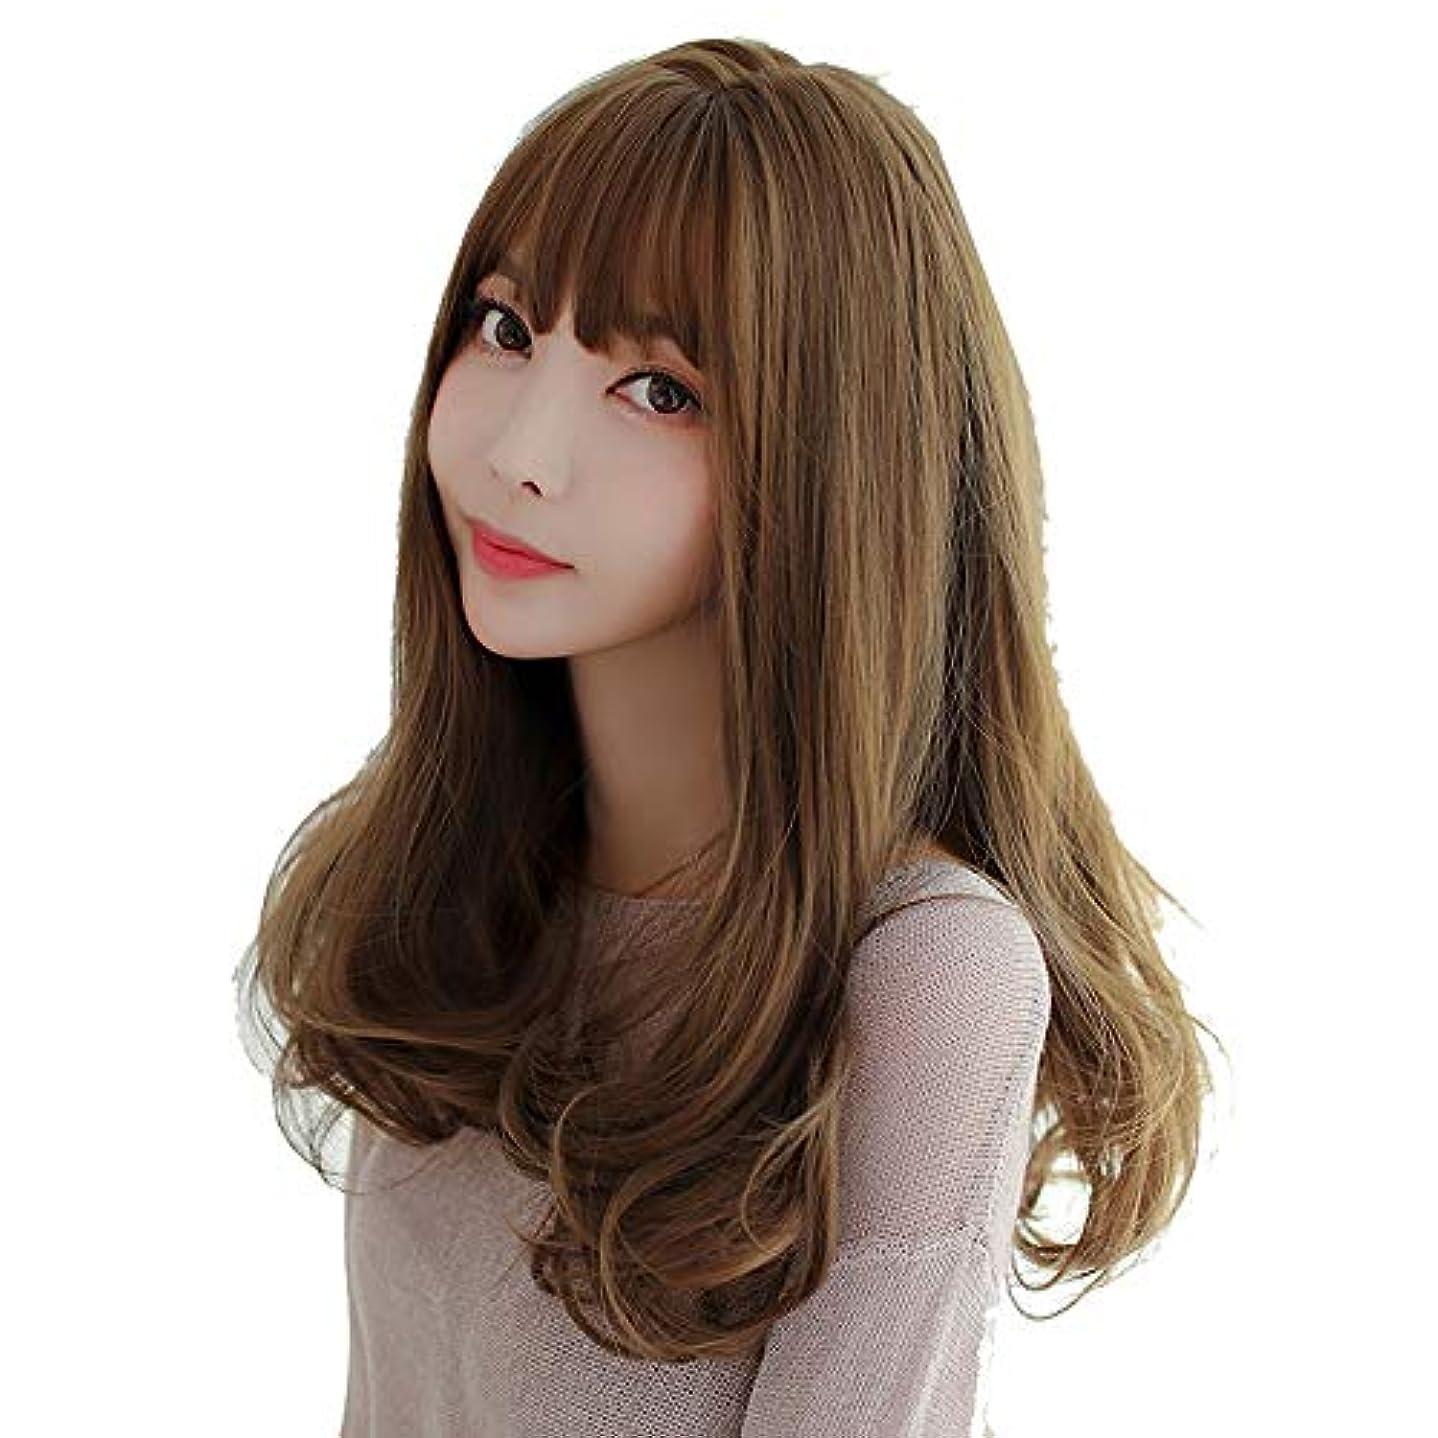 SRY-Wigファッション ディープルートロングウェーブファッションブラウンウィッグ130%密度合成レースフロントウィッグブラックレディースウィッグ